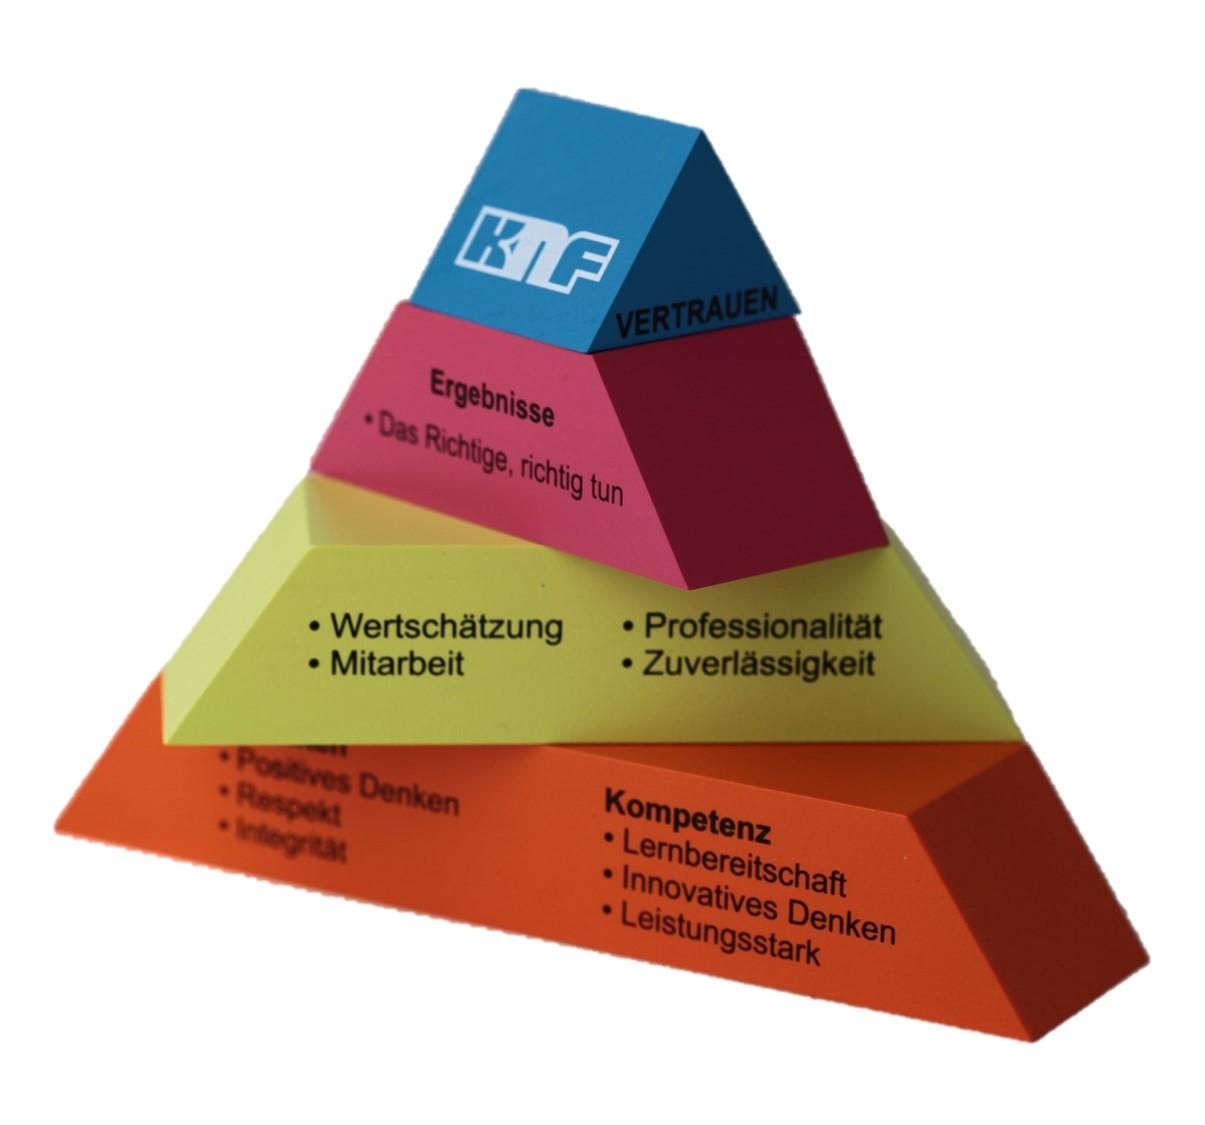 Pyramide aus 4 Farben und und den Unternehmenswerten